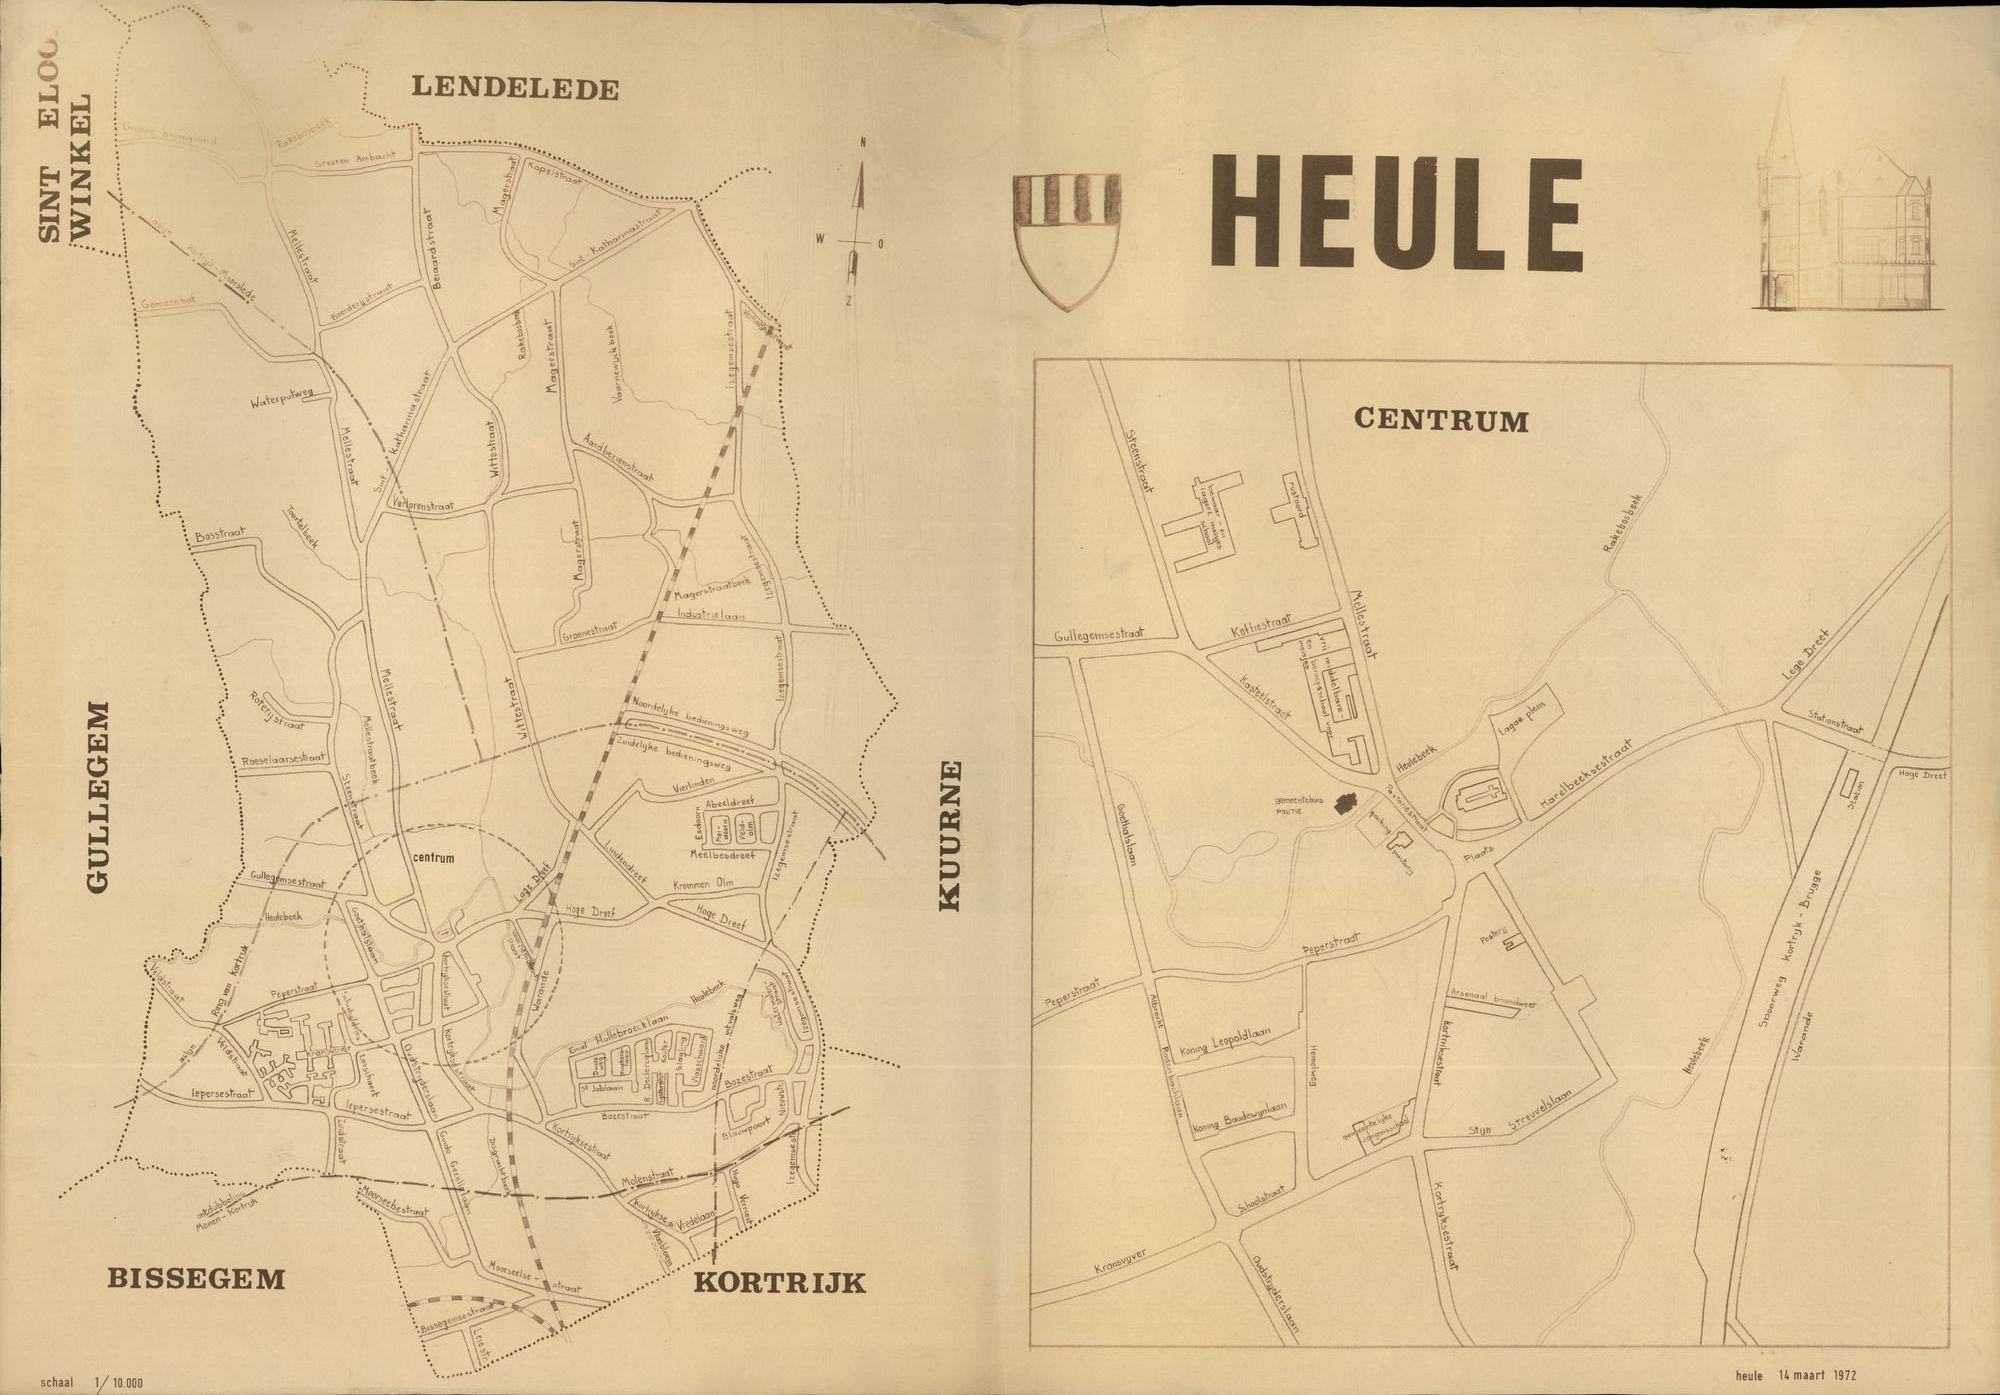 Kaart van Heule, 2de helft 20ste eeuw